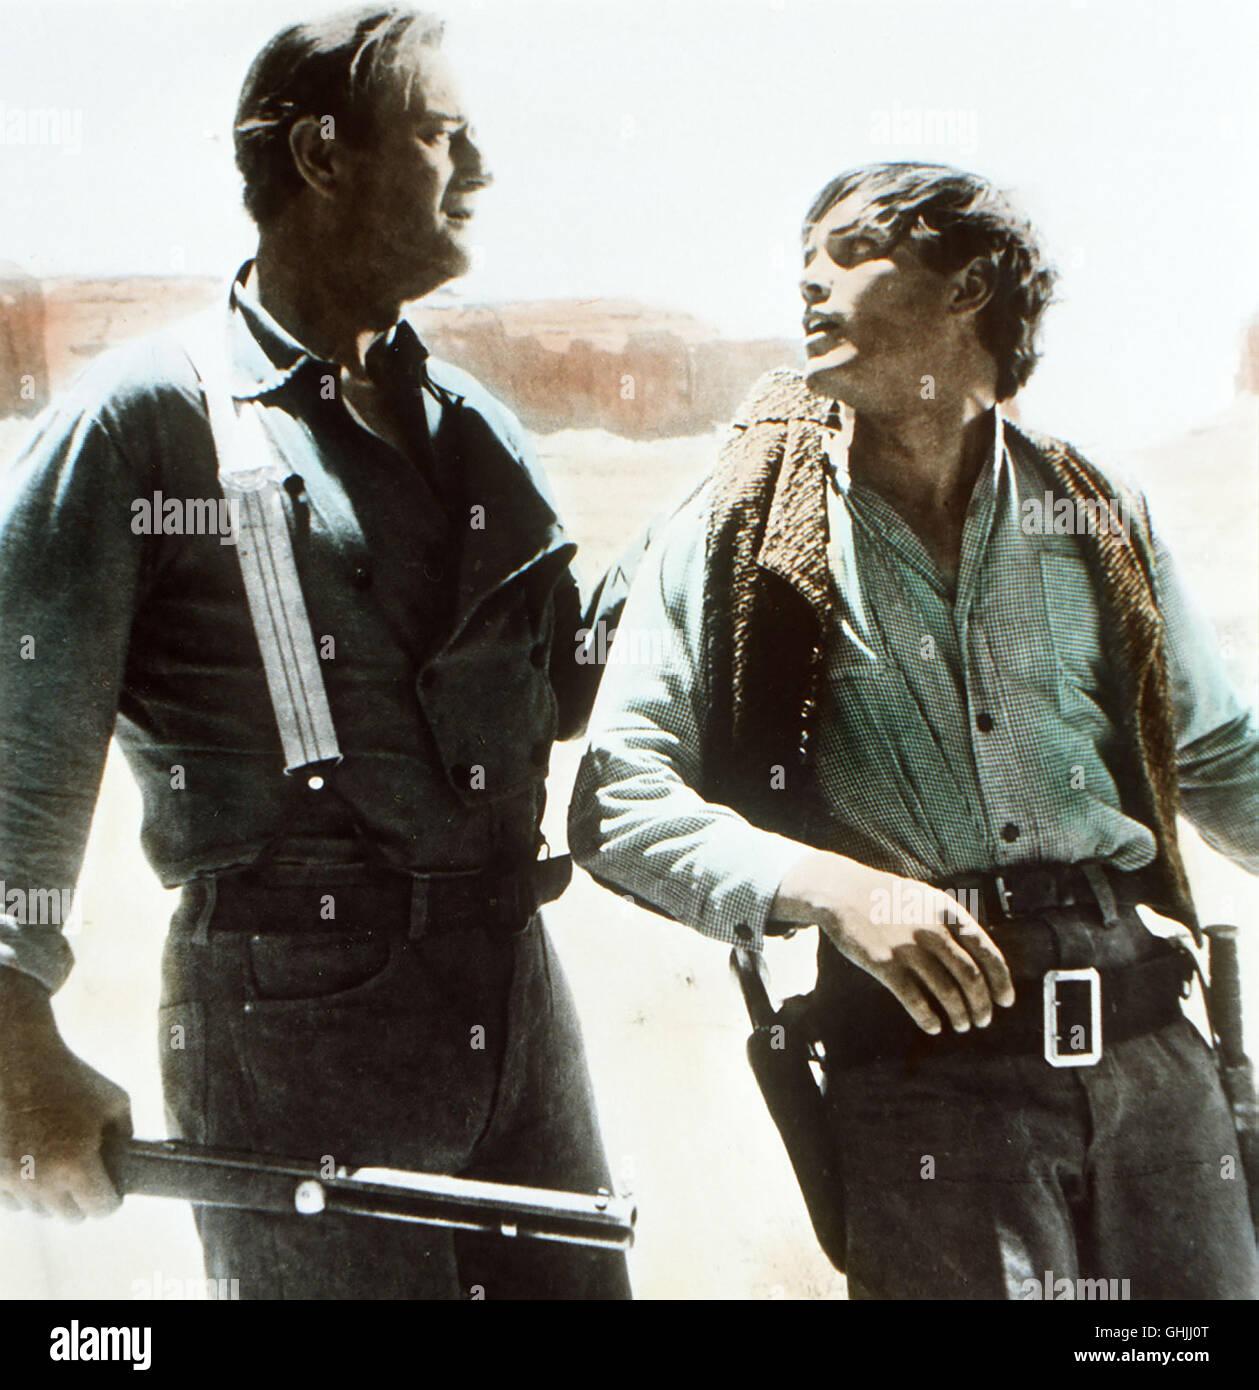 The Searchers USA 1956 - John Ford Als Ethan Edwards (JOHN WAYNE) erfährt, dass seine Nichte Debbie, die vor - Stock Image